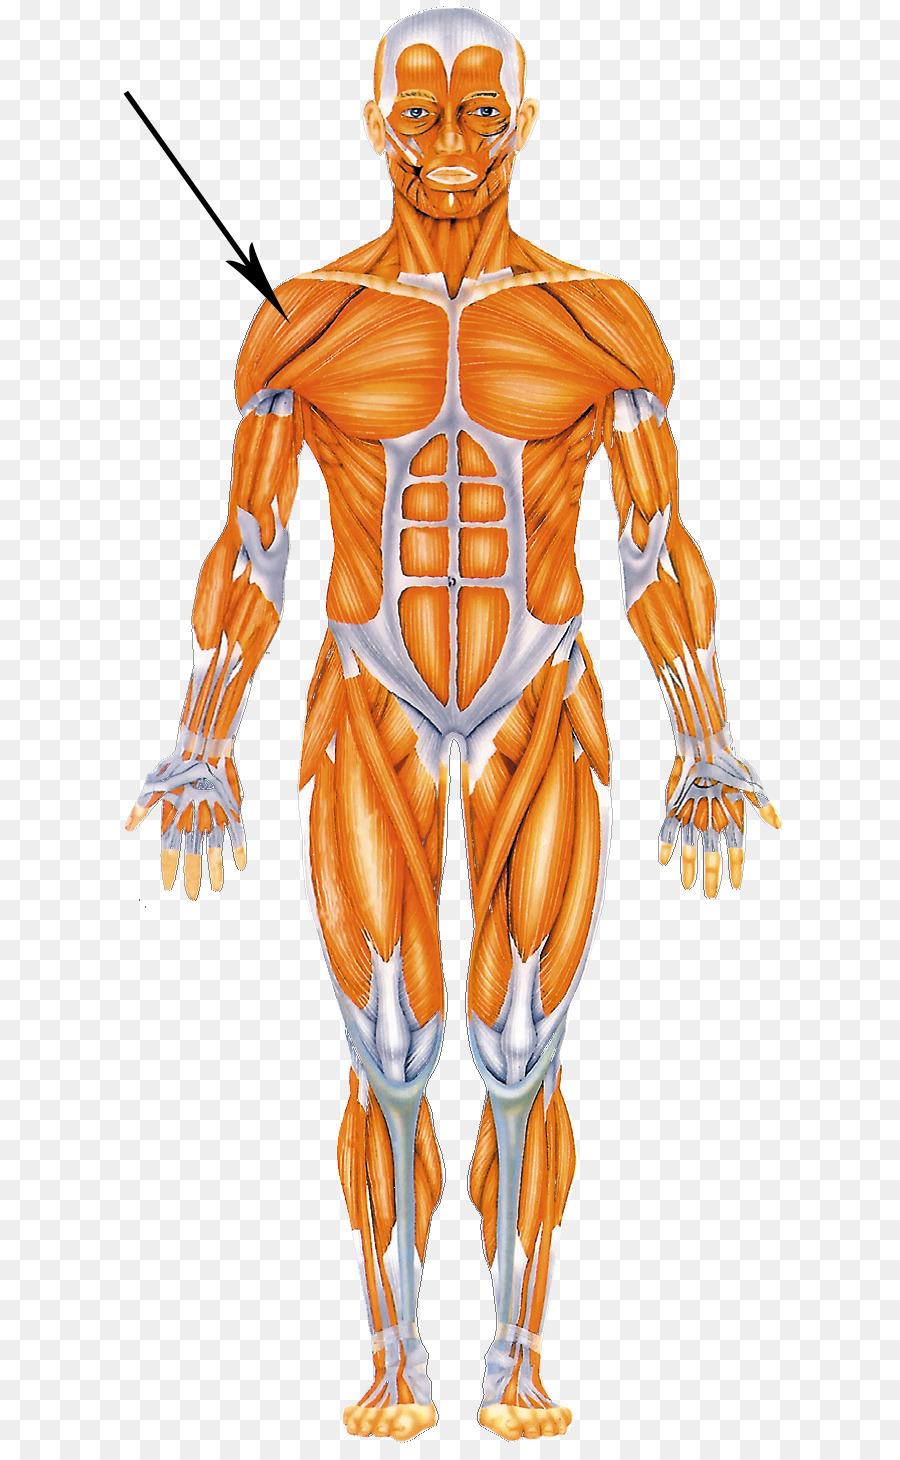 Cuerpo humano Muscular el sistema Muscular anatomía Humana, el Homo ...